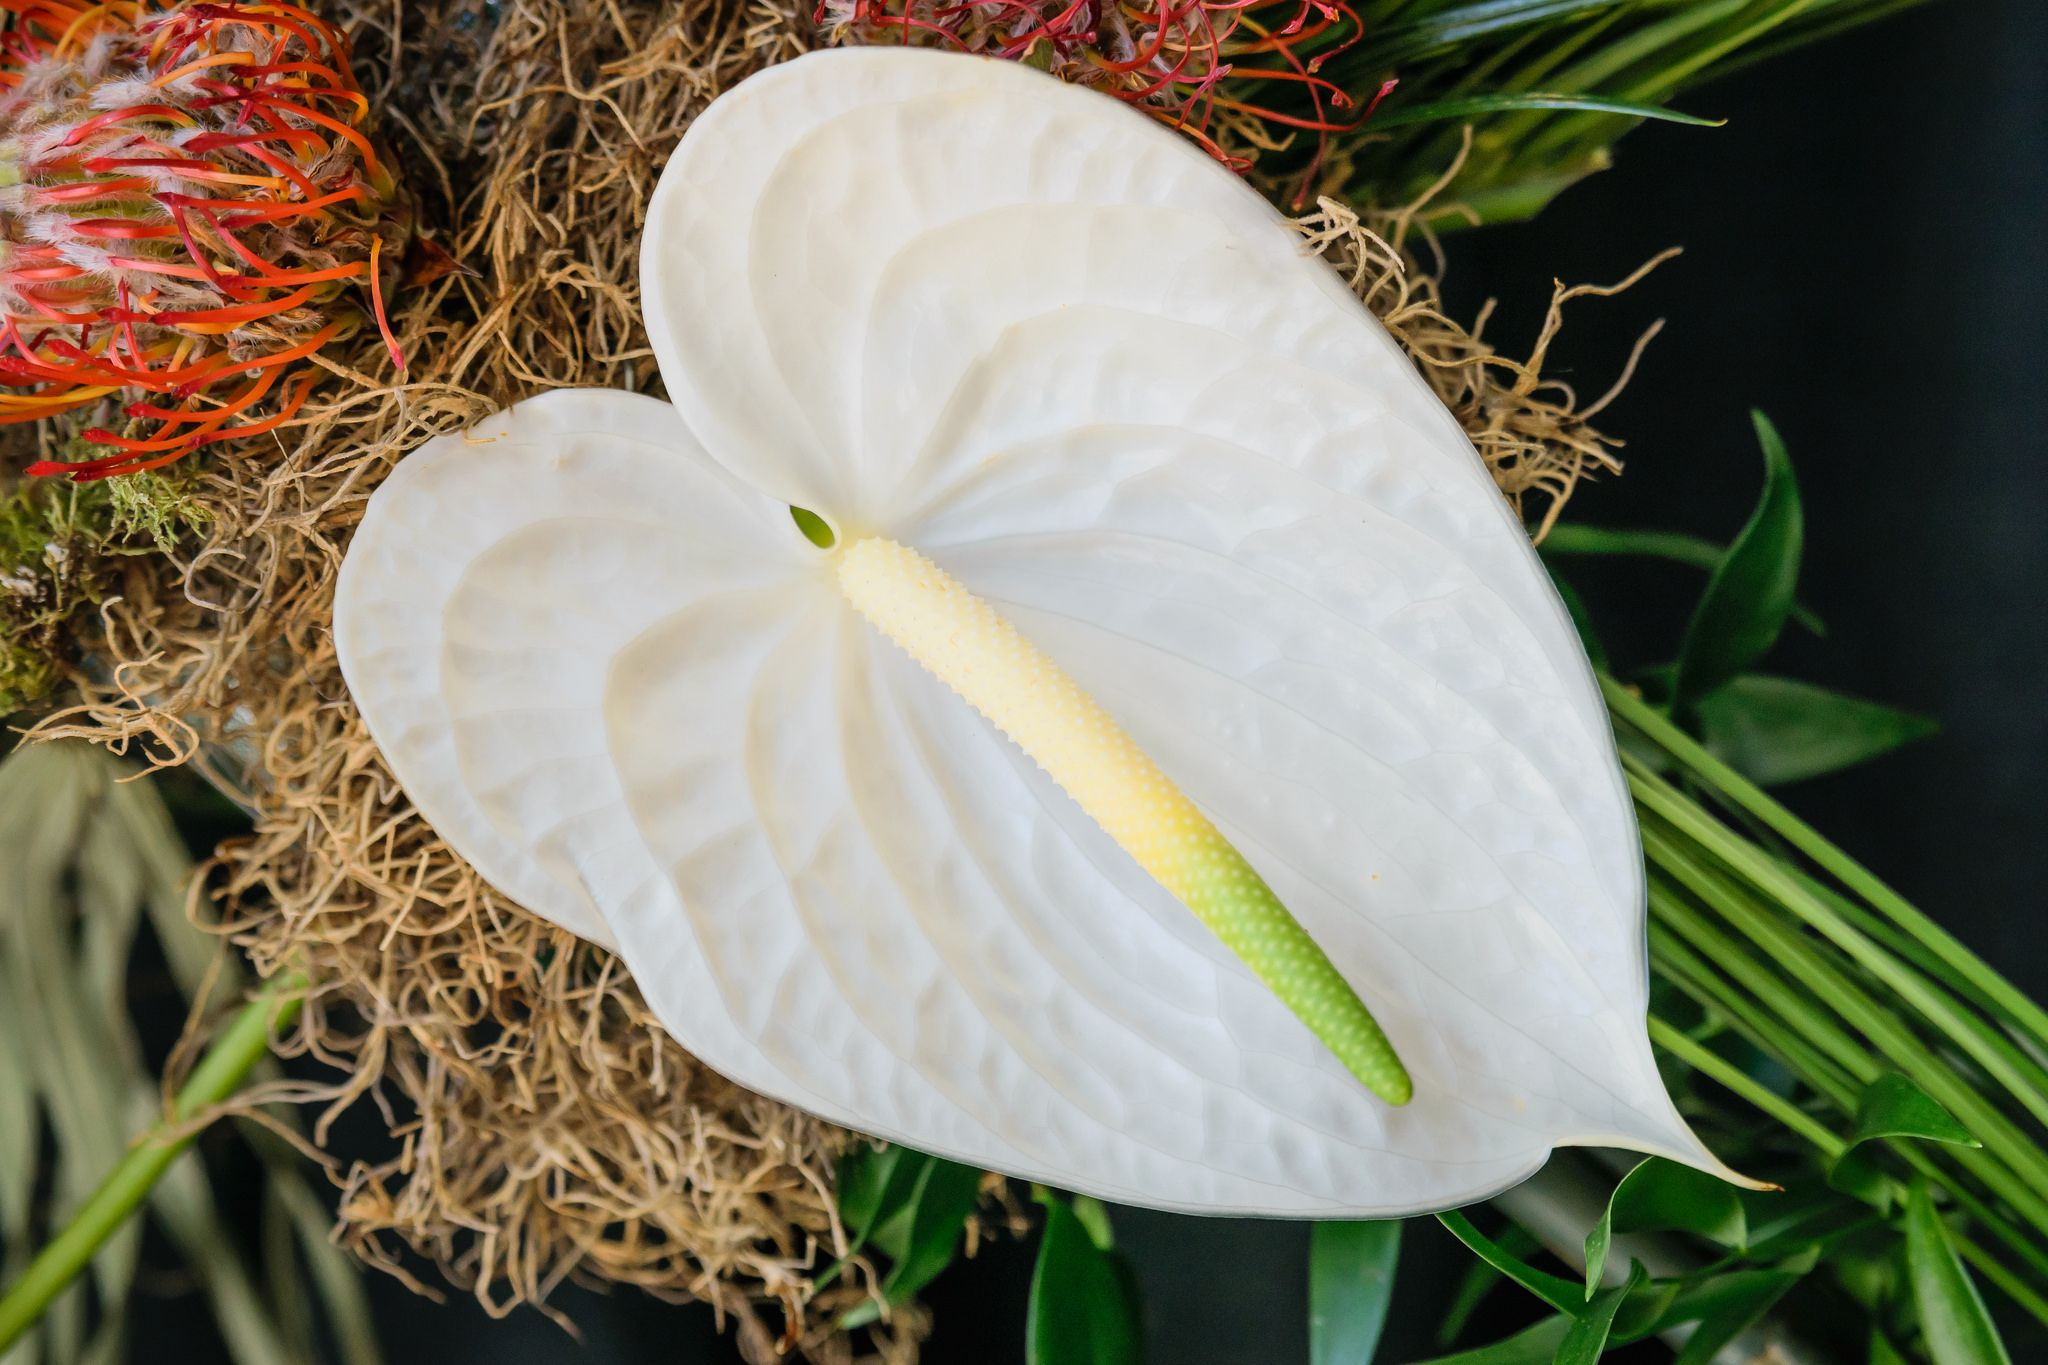 Нежность и изысканность - такие ассоциации вызывает белый антуриум